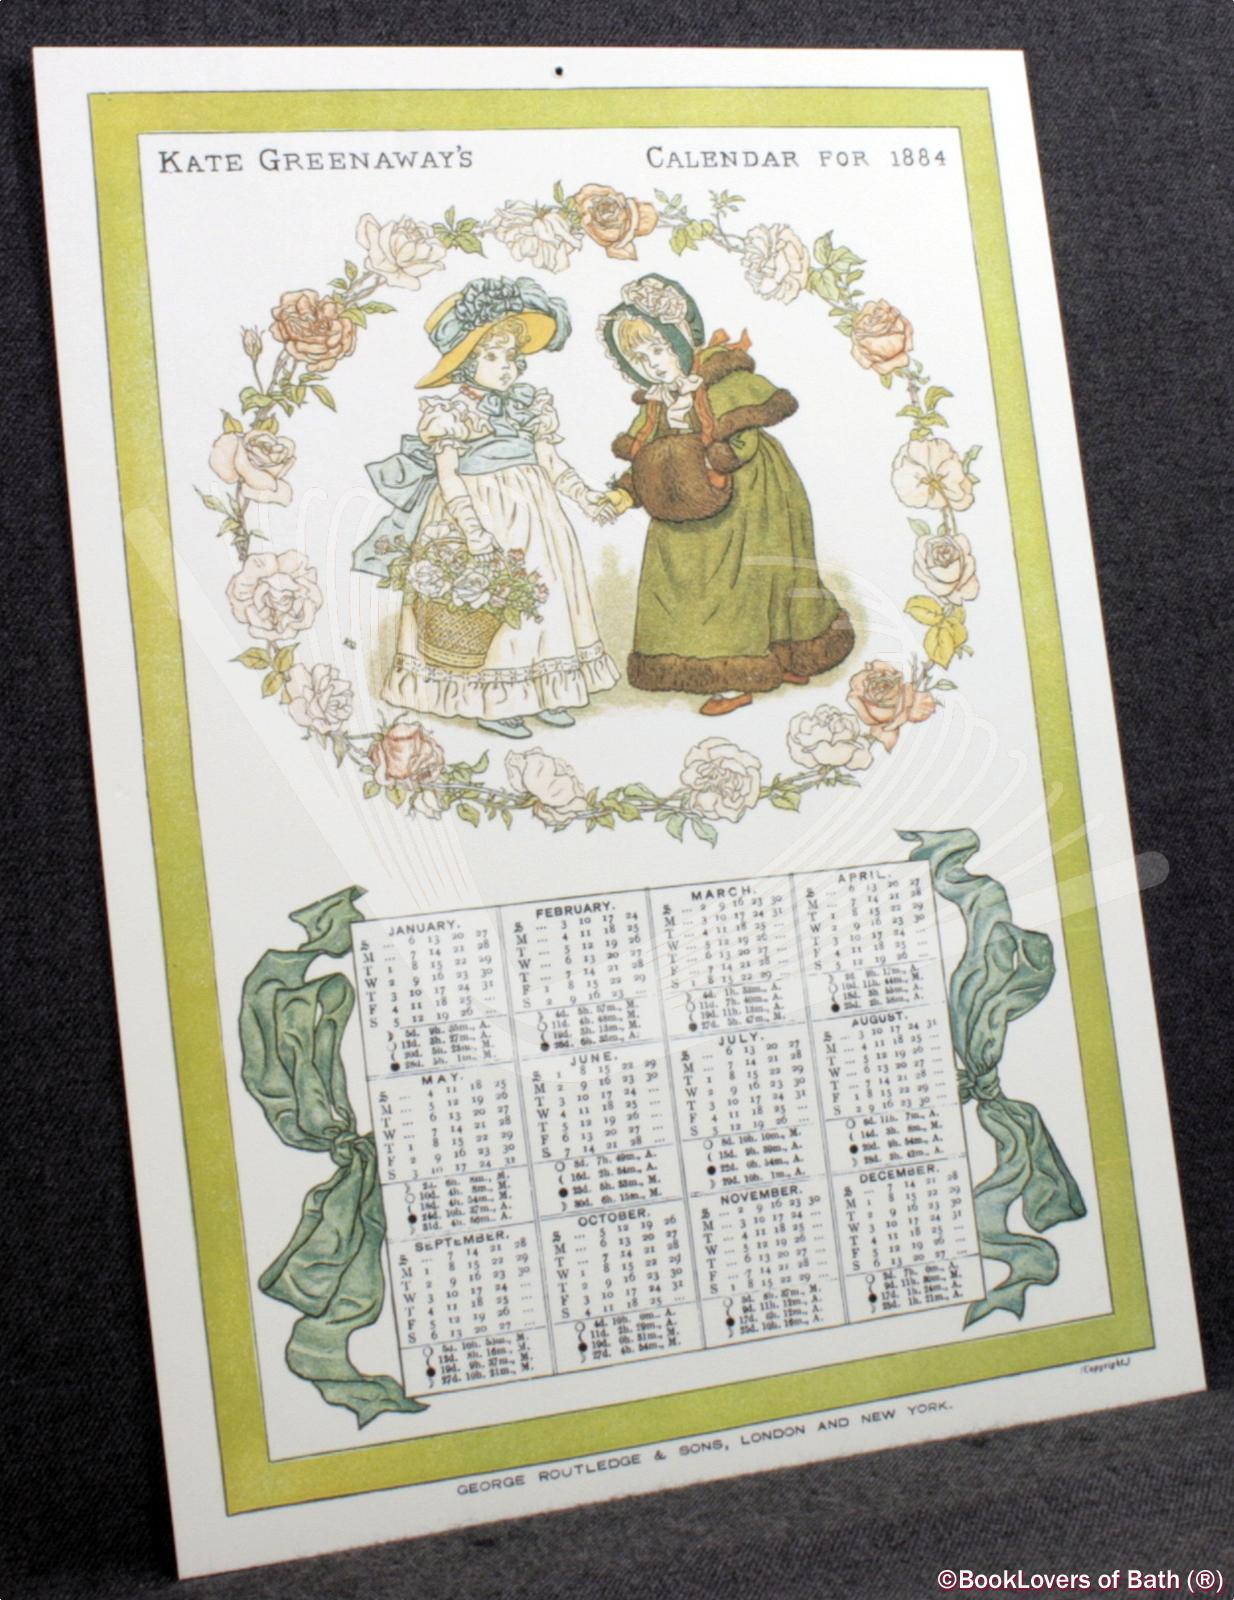 Kate-Greenaway-039-s-Calendar-for-1884-Greenaway-1981 thumbnail 4